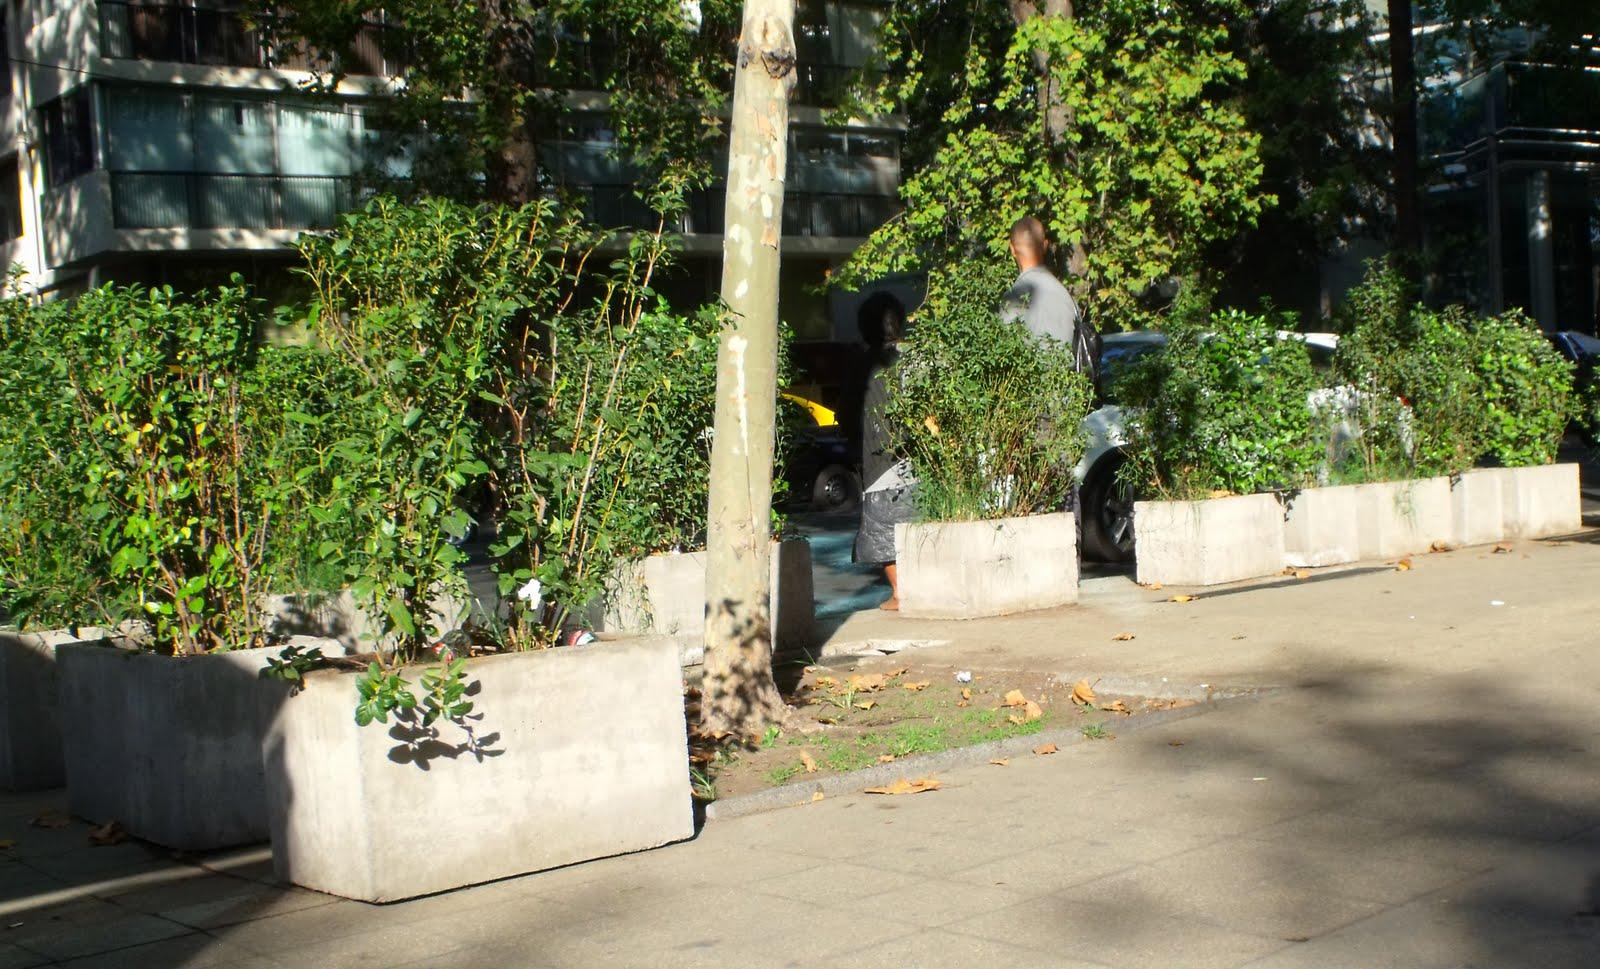 Maceteros de concreto jardineras de concreto 70 x 30 x 40 - Jardineras de cemento ...